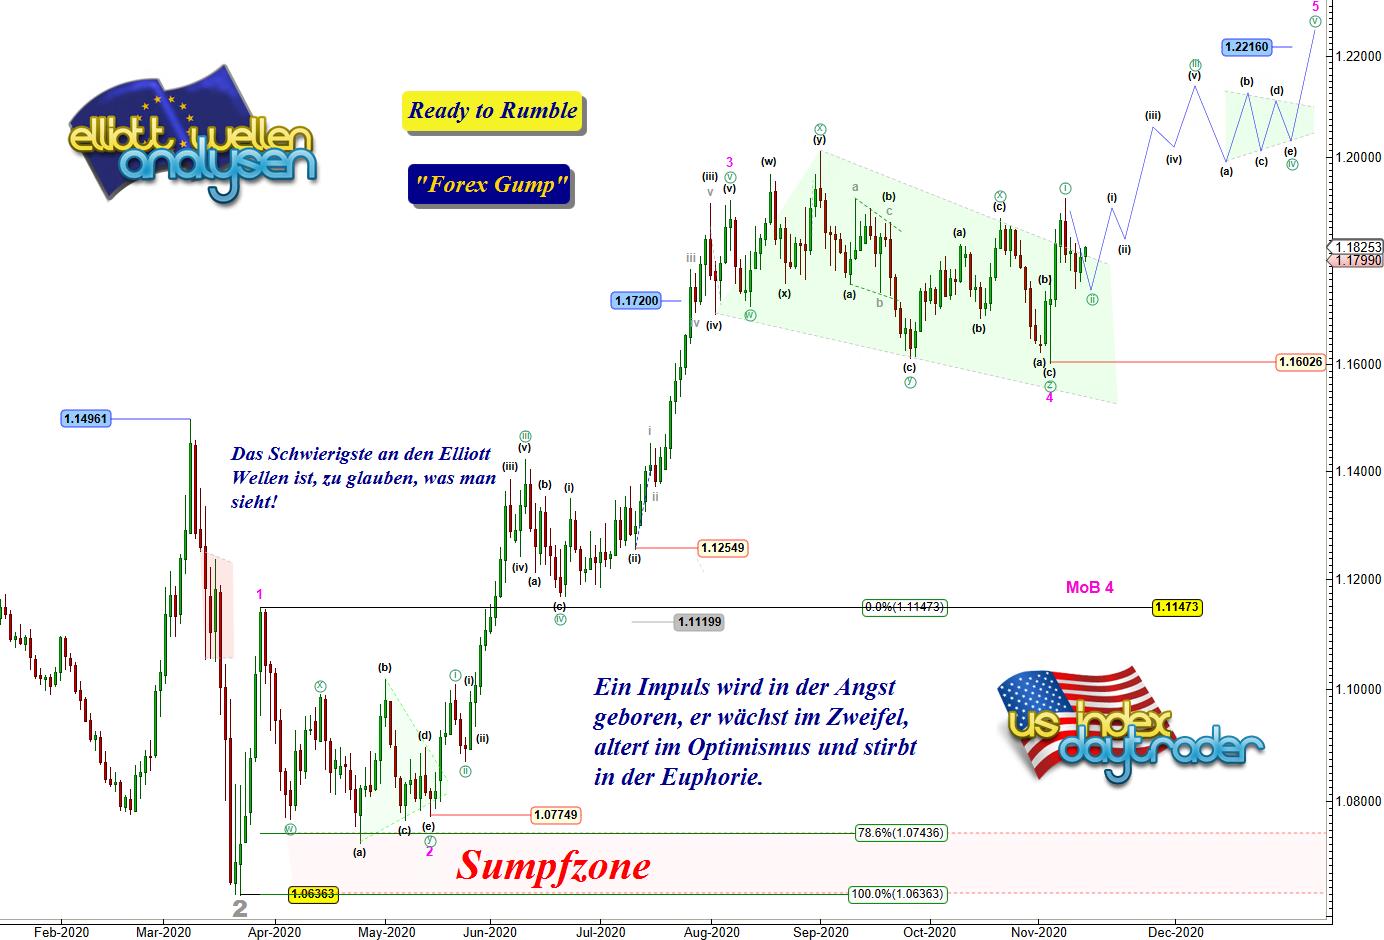 EW-Analyse-EUR-USD-Wenn-es-läuft-dann-läuft-es-Chartanalyse-André-Tiedje-GodmodeTrader.de-1